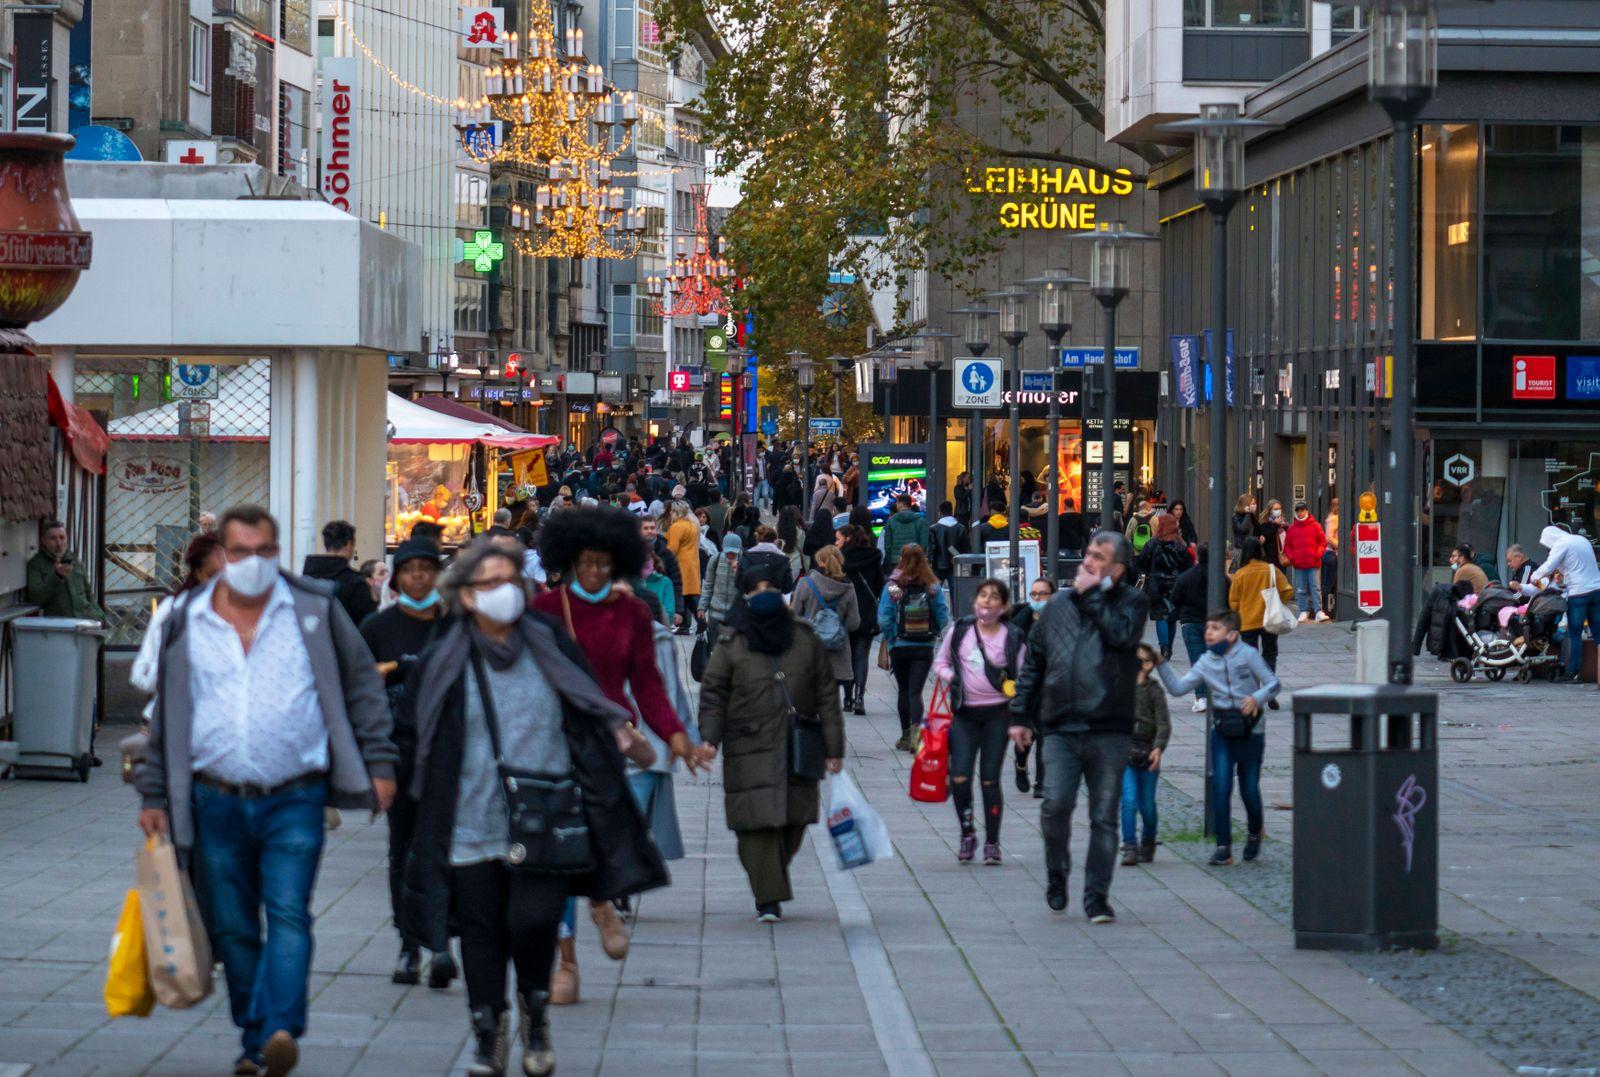 Der letzte Samstag vor dem zweiten Lockdown im November 2020, volle Einkaufsstrasse Kettwiger Strasse, Essen, NRW, Deuts